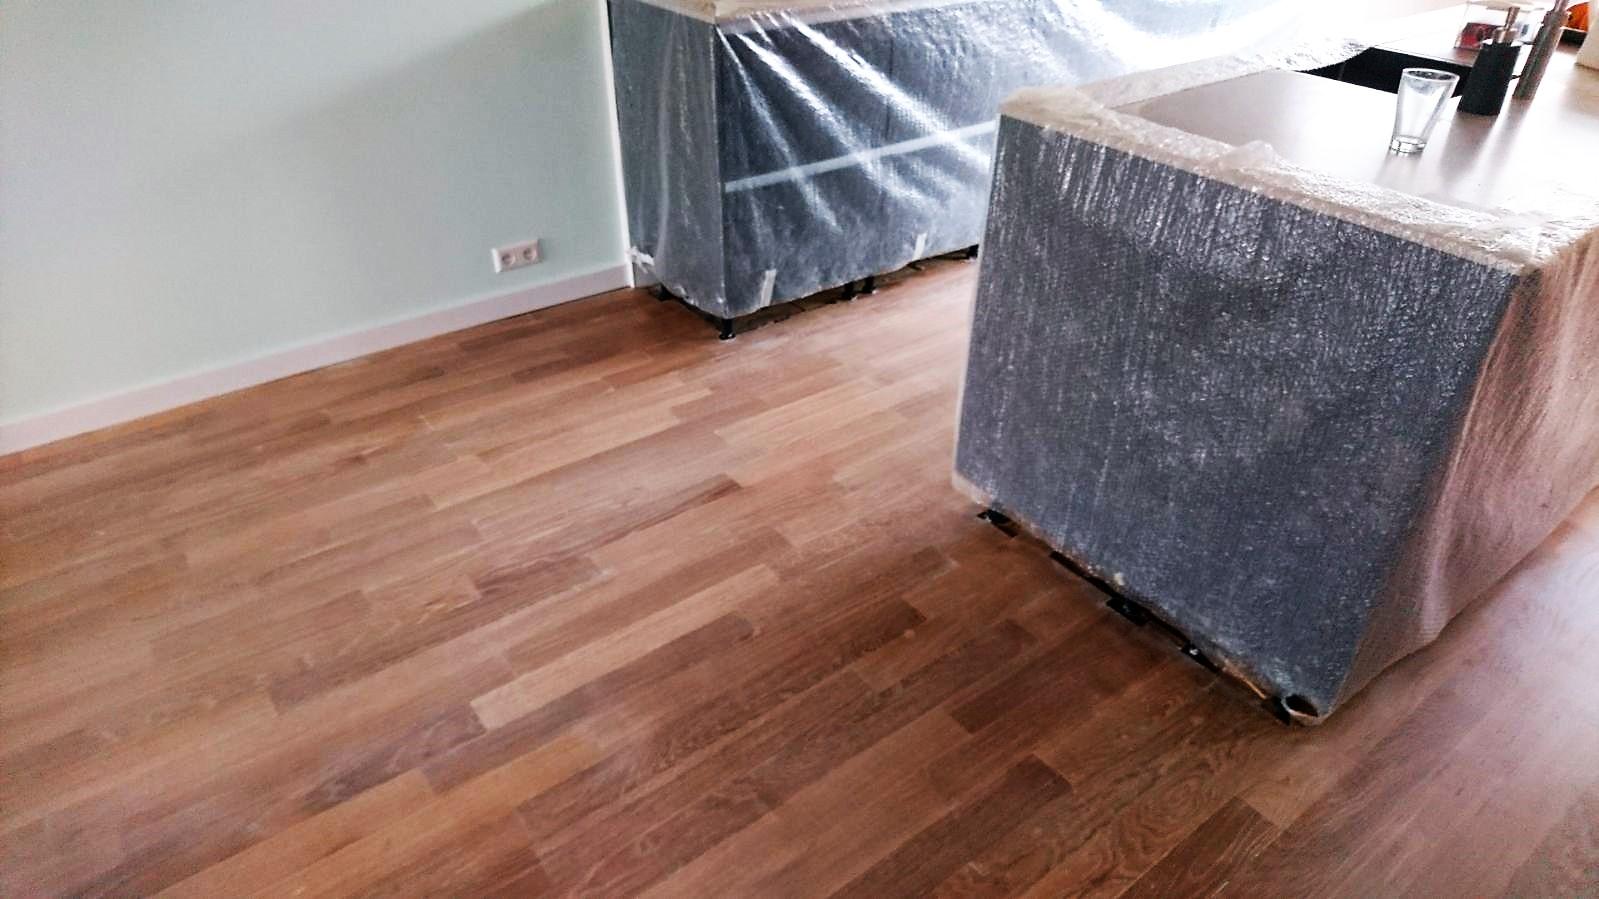 Opknappen aanhelen houten vloeren of waterschade u2013 drvloer